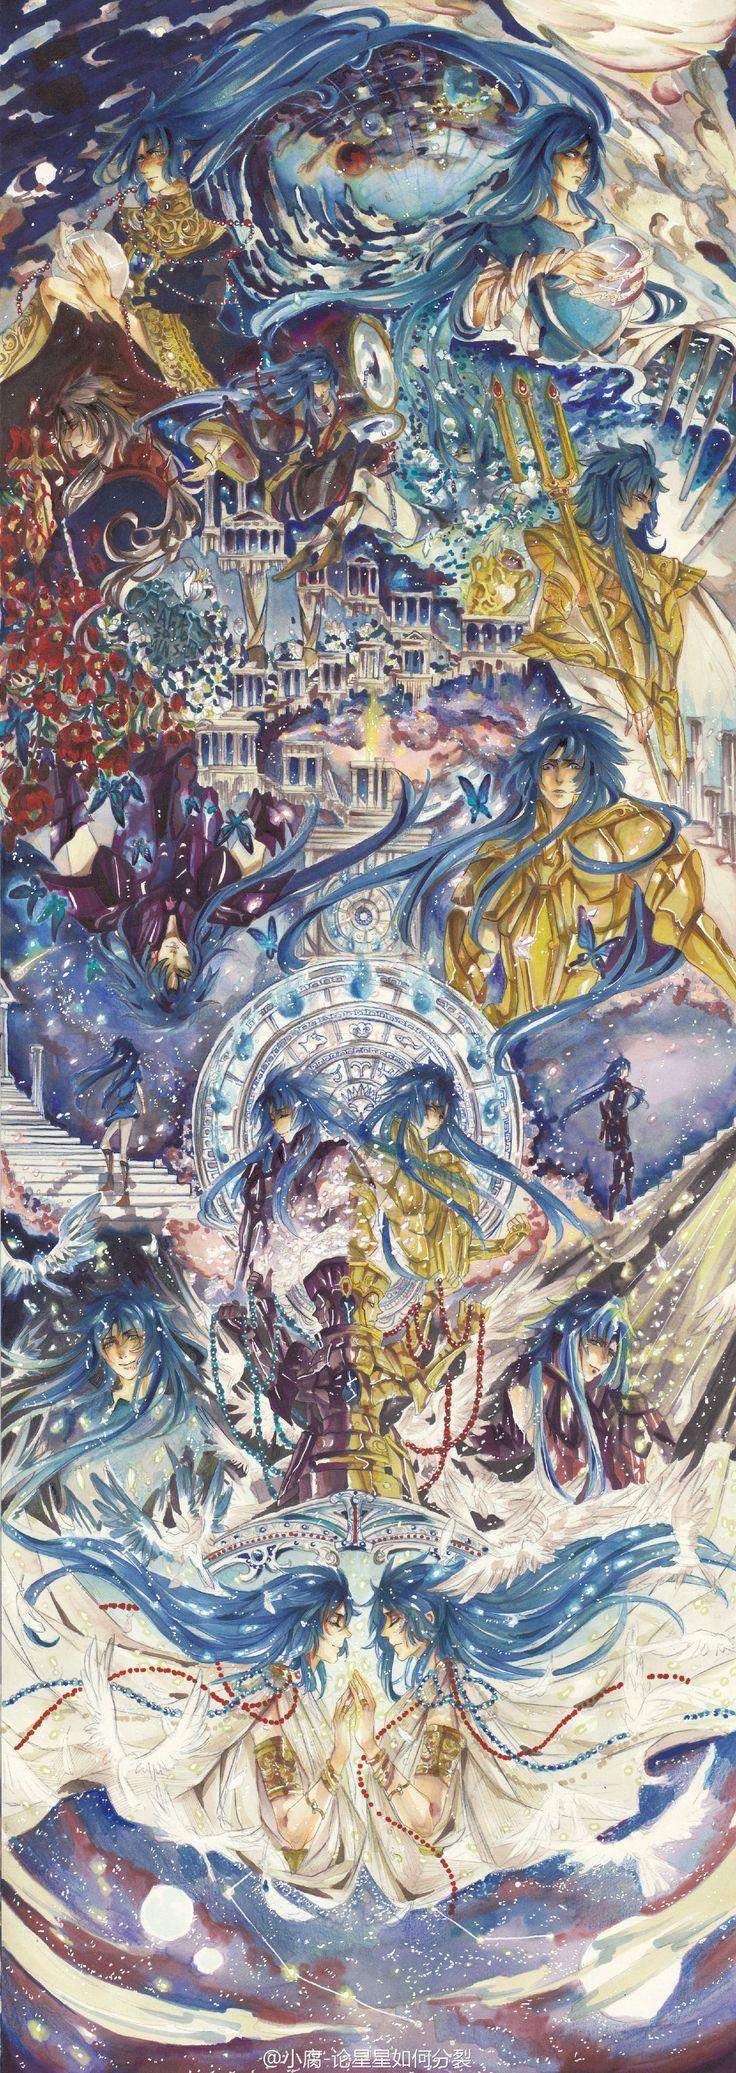 Saint Seiya, Gemini Saga and Kanon